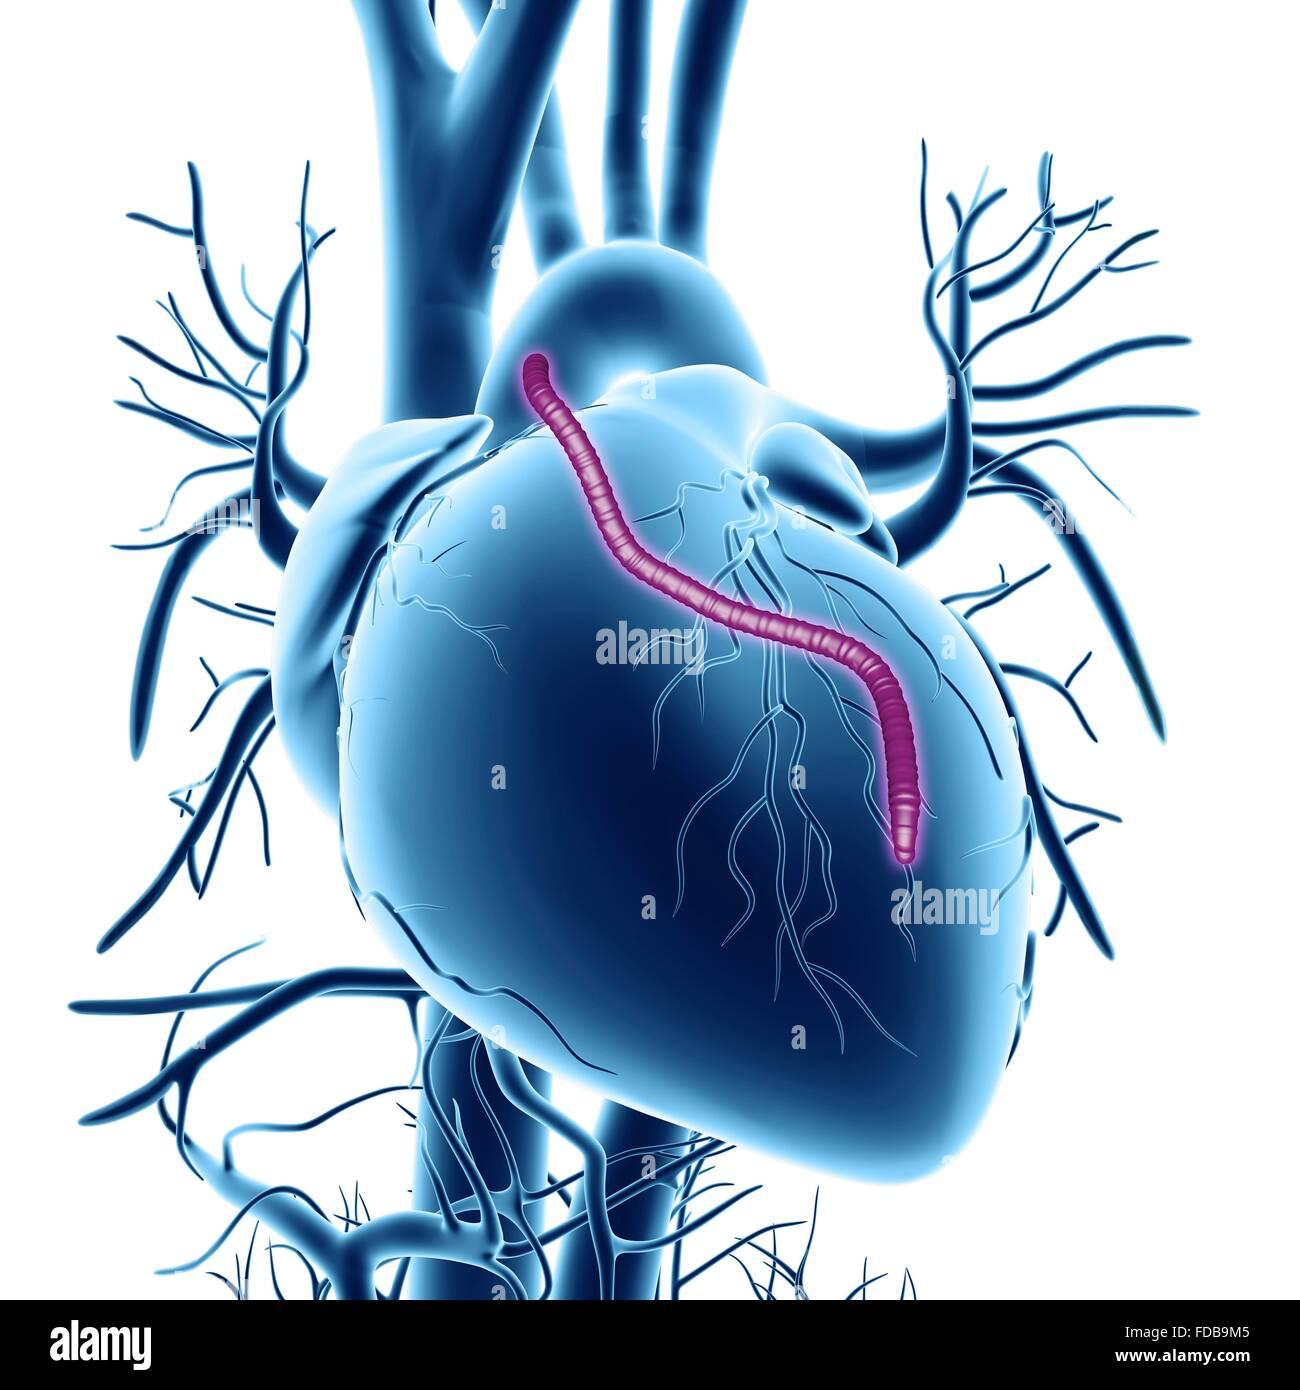 mit cabg Die isolierte koronare bypassoperation (cabg) ist nach wie vor an der  vor  allem bei 3 - gefäßerkrankung mit oder ohne hauptstammbeteiligung  durchgeführt.